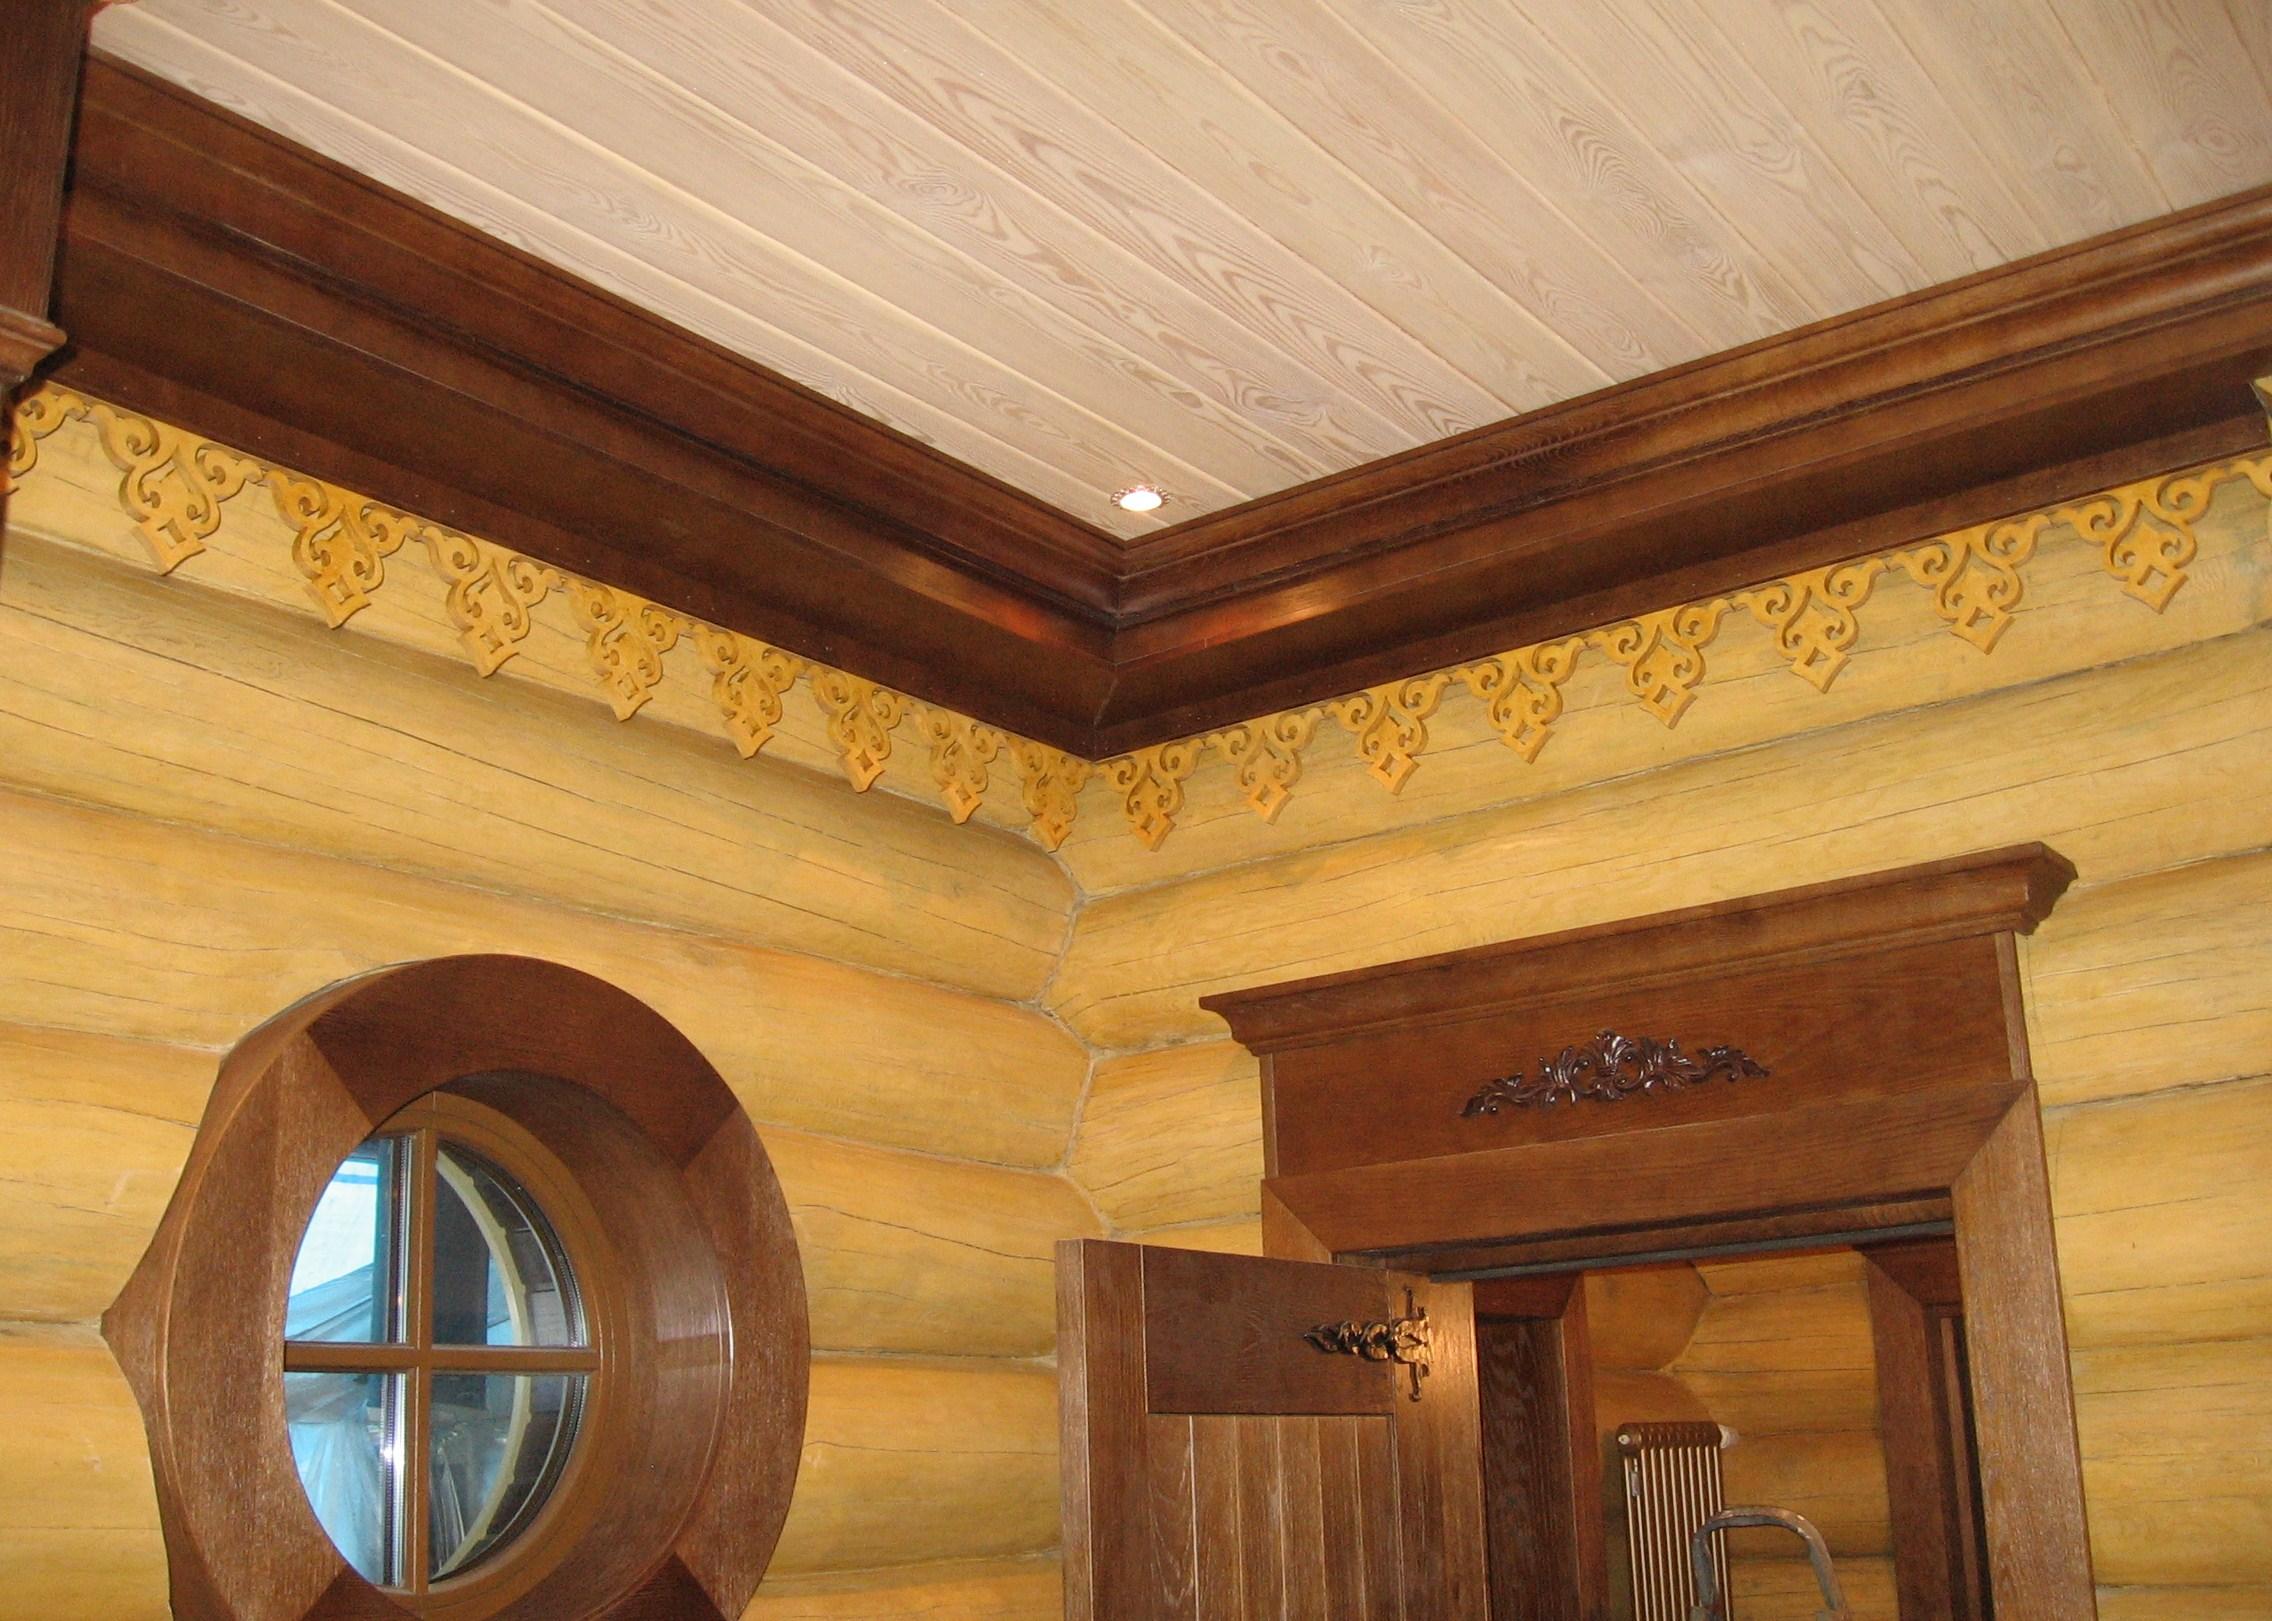 Внутренняя декоративная отделка деревянного дома резными карнизами и наличниками